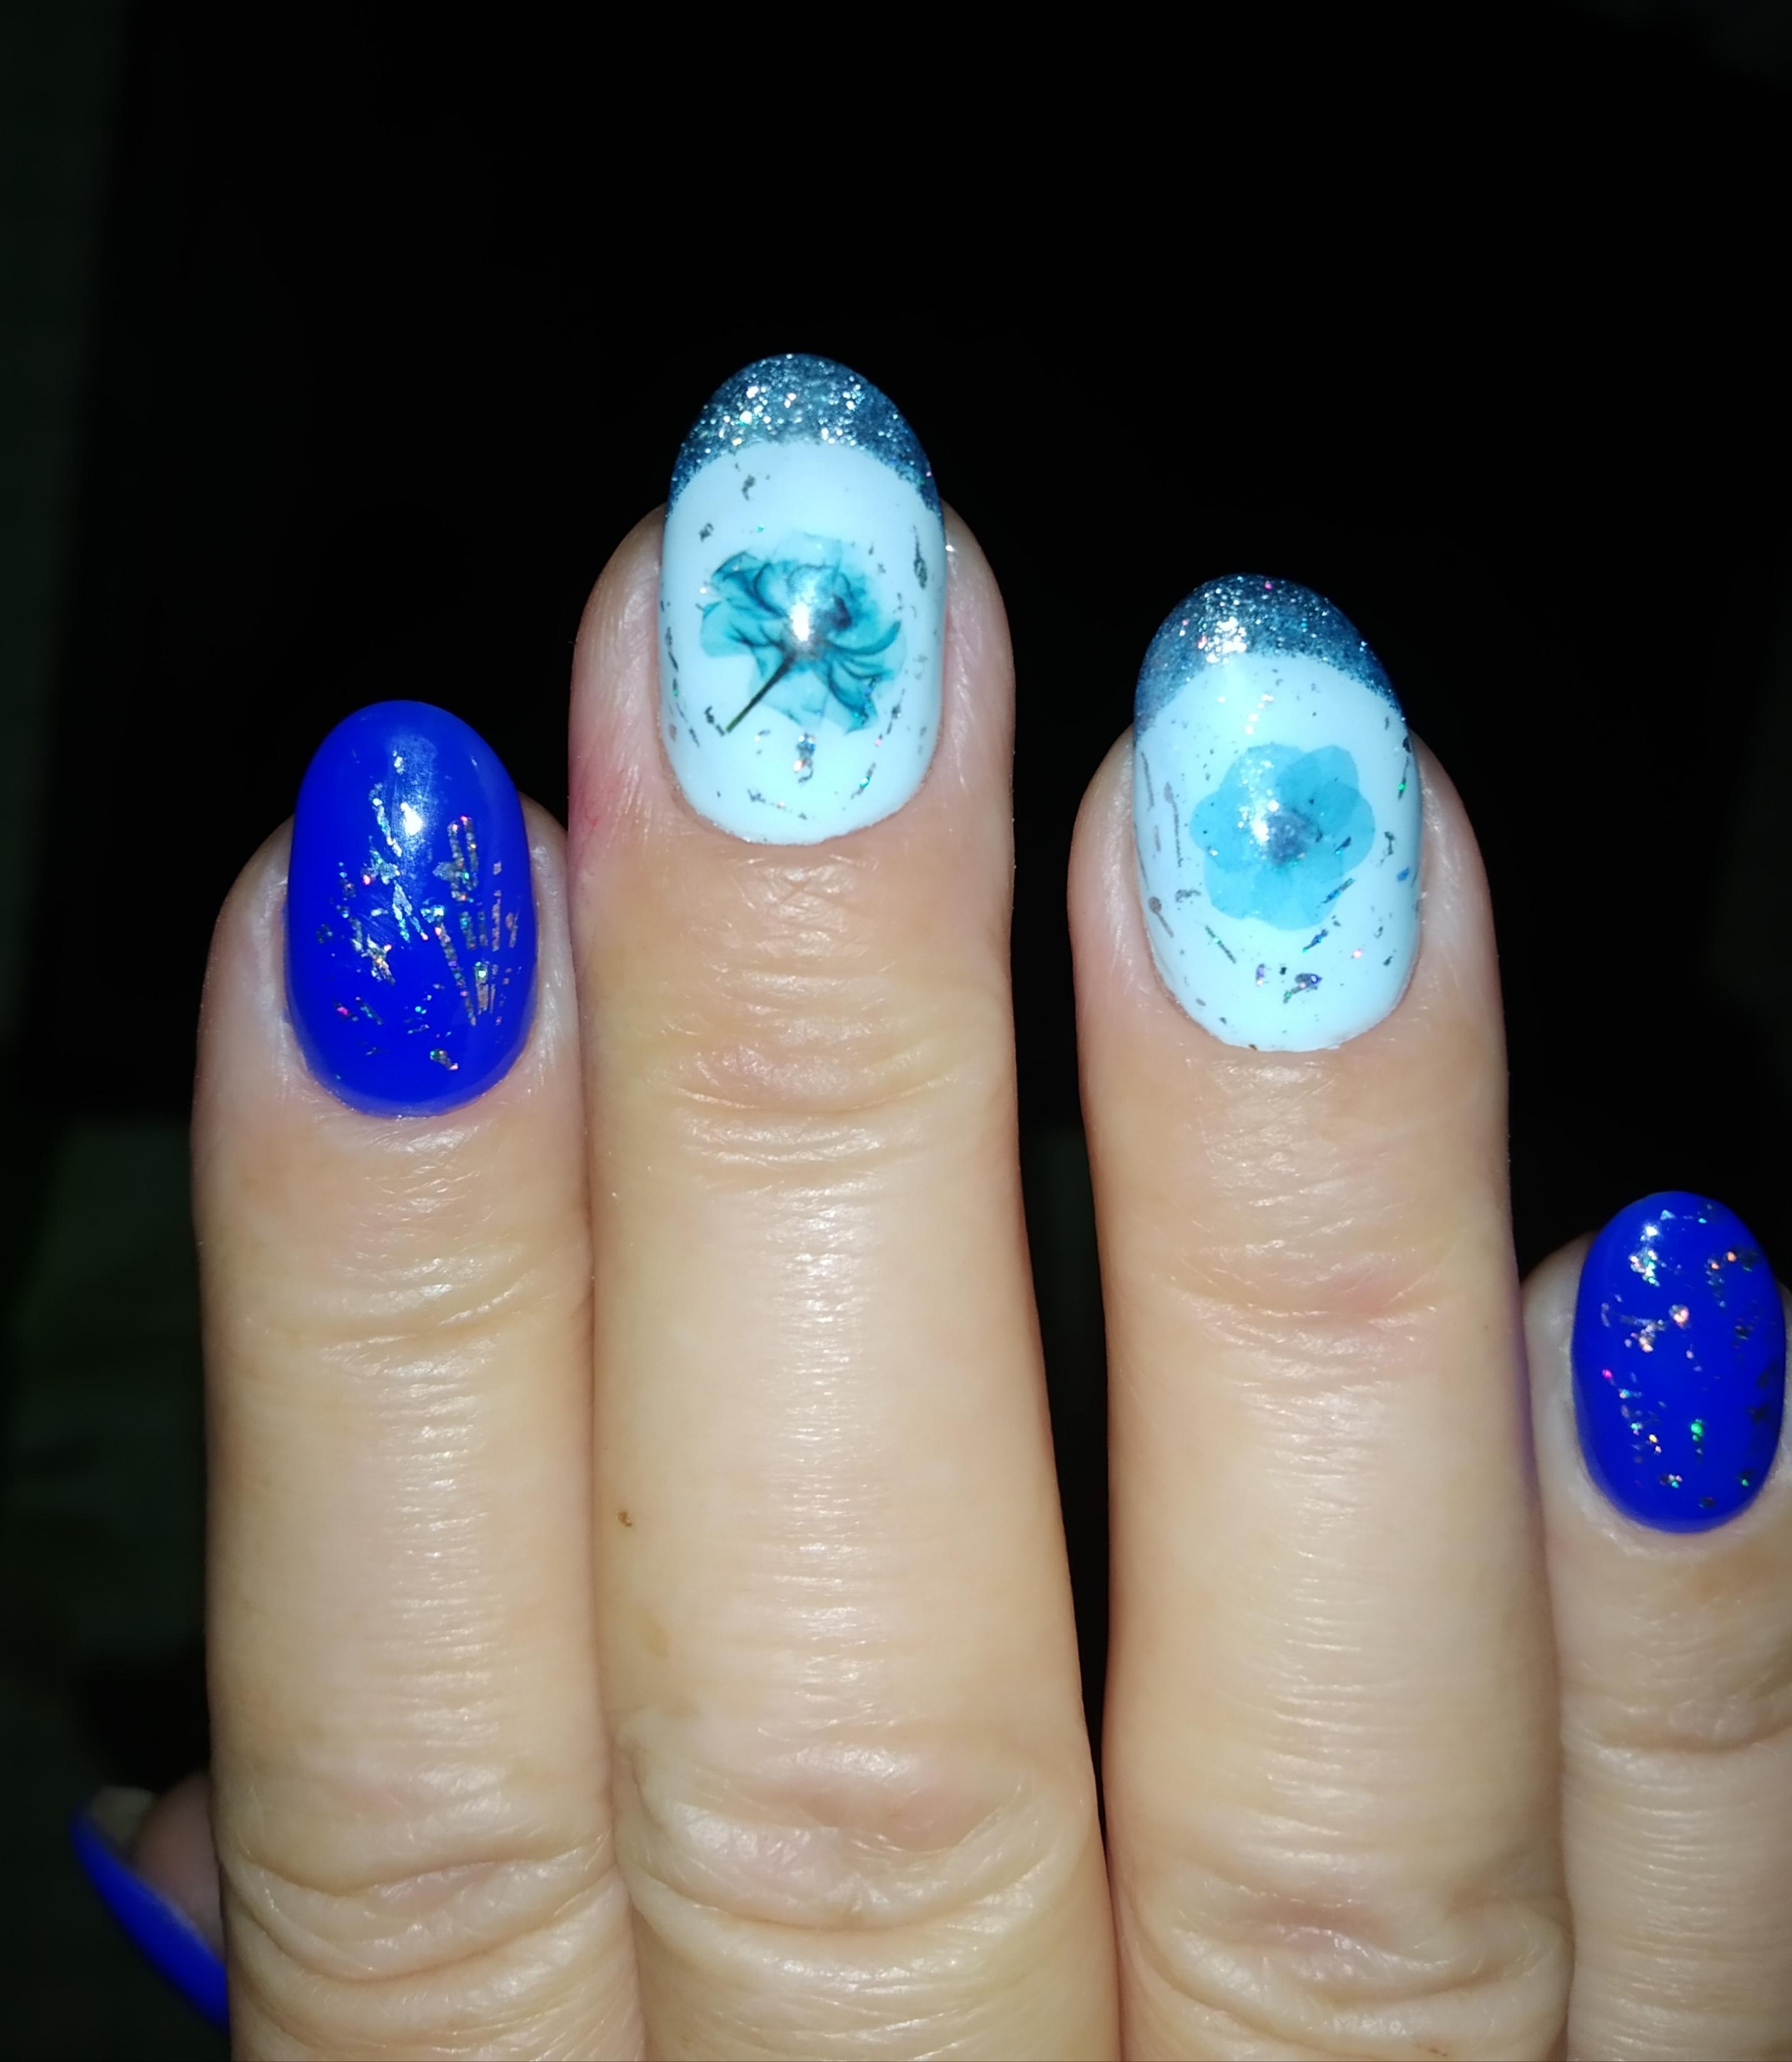 Маникюр с цветочными слайдерами, френч-дизайном и блёстками в синем цвете на короткие ногти.